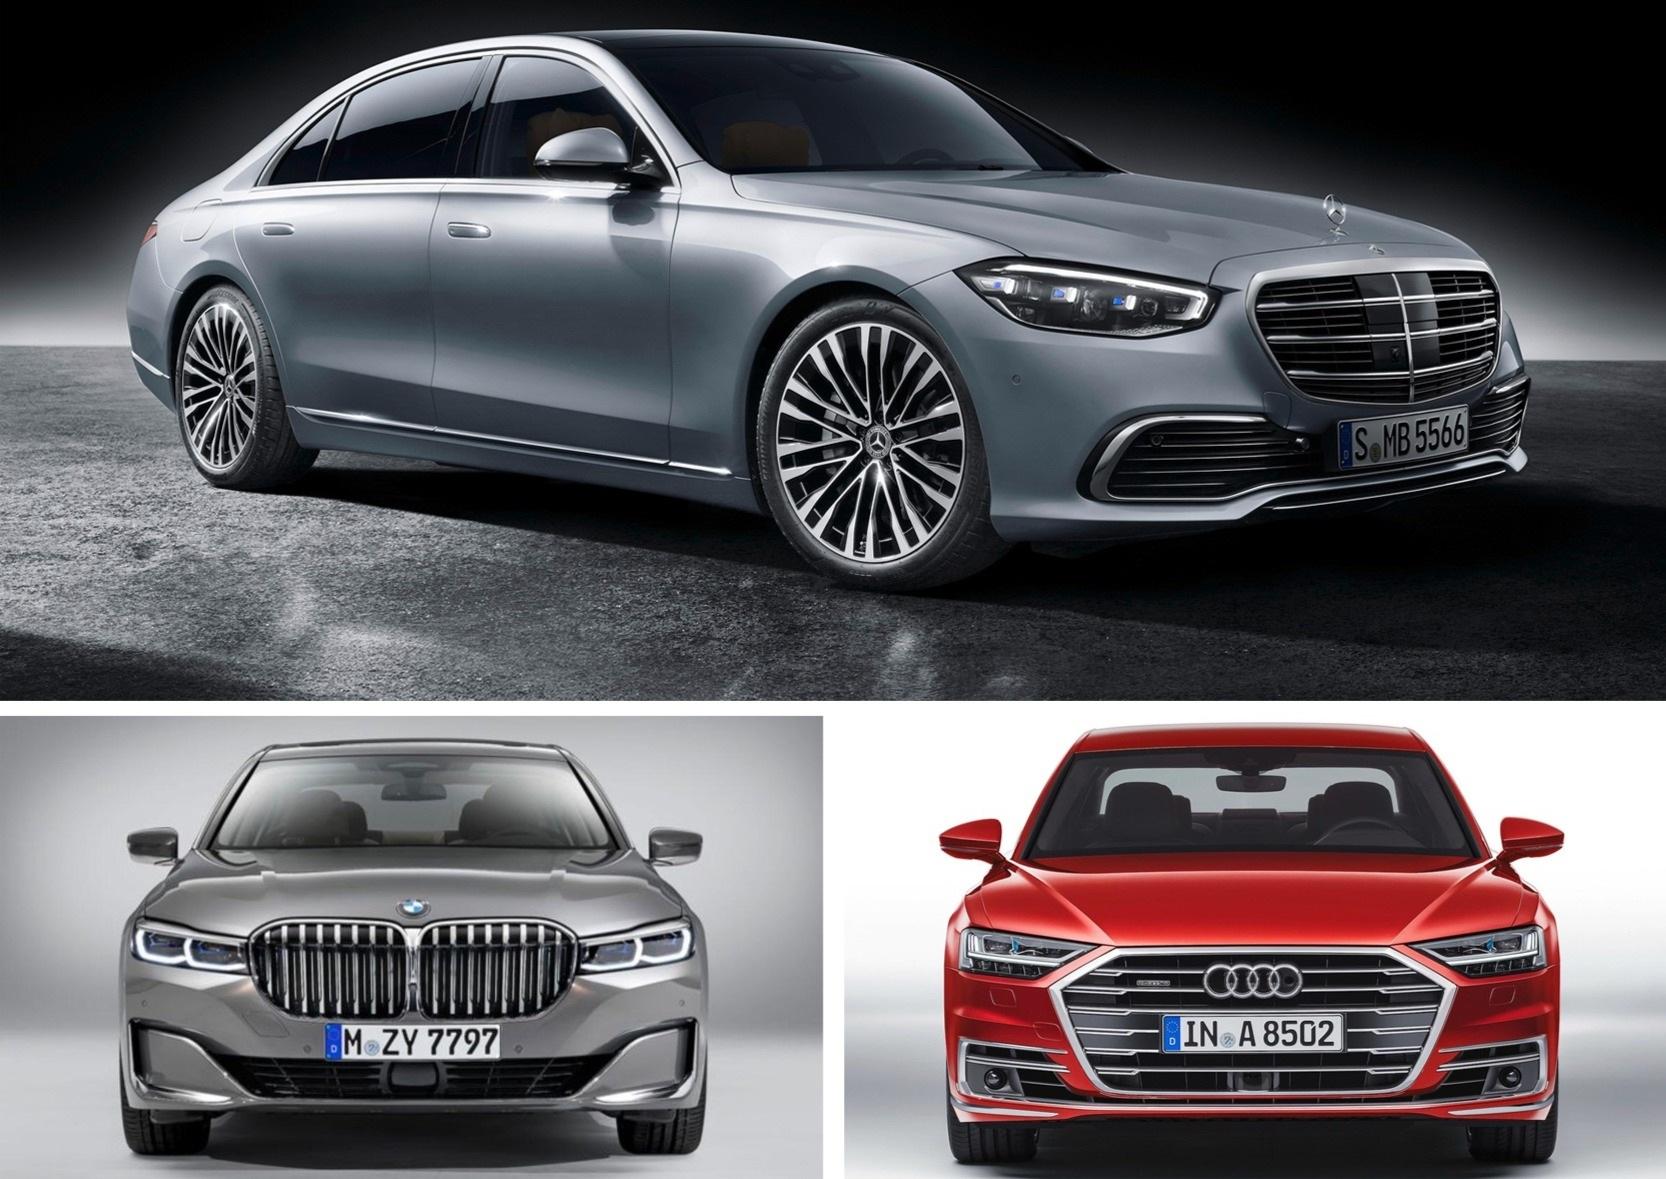 Chọn xe cho nhà giàu: Audi A8, BMW 7-Series, hay Mercedes S-Class mới? - 6